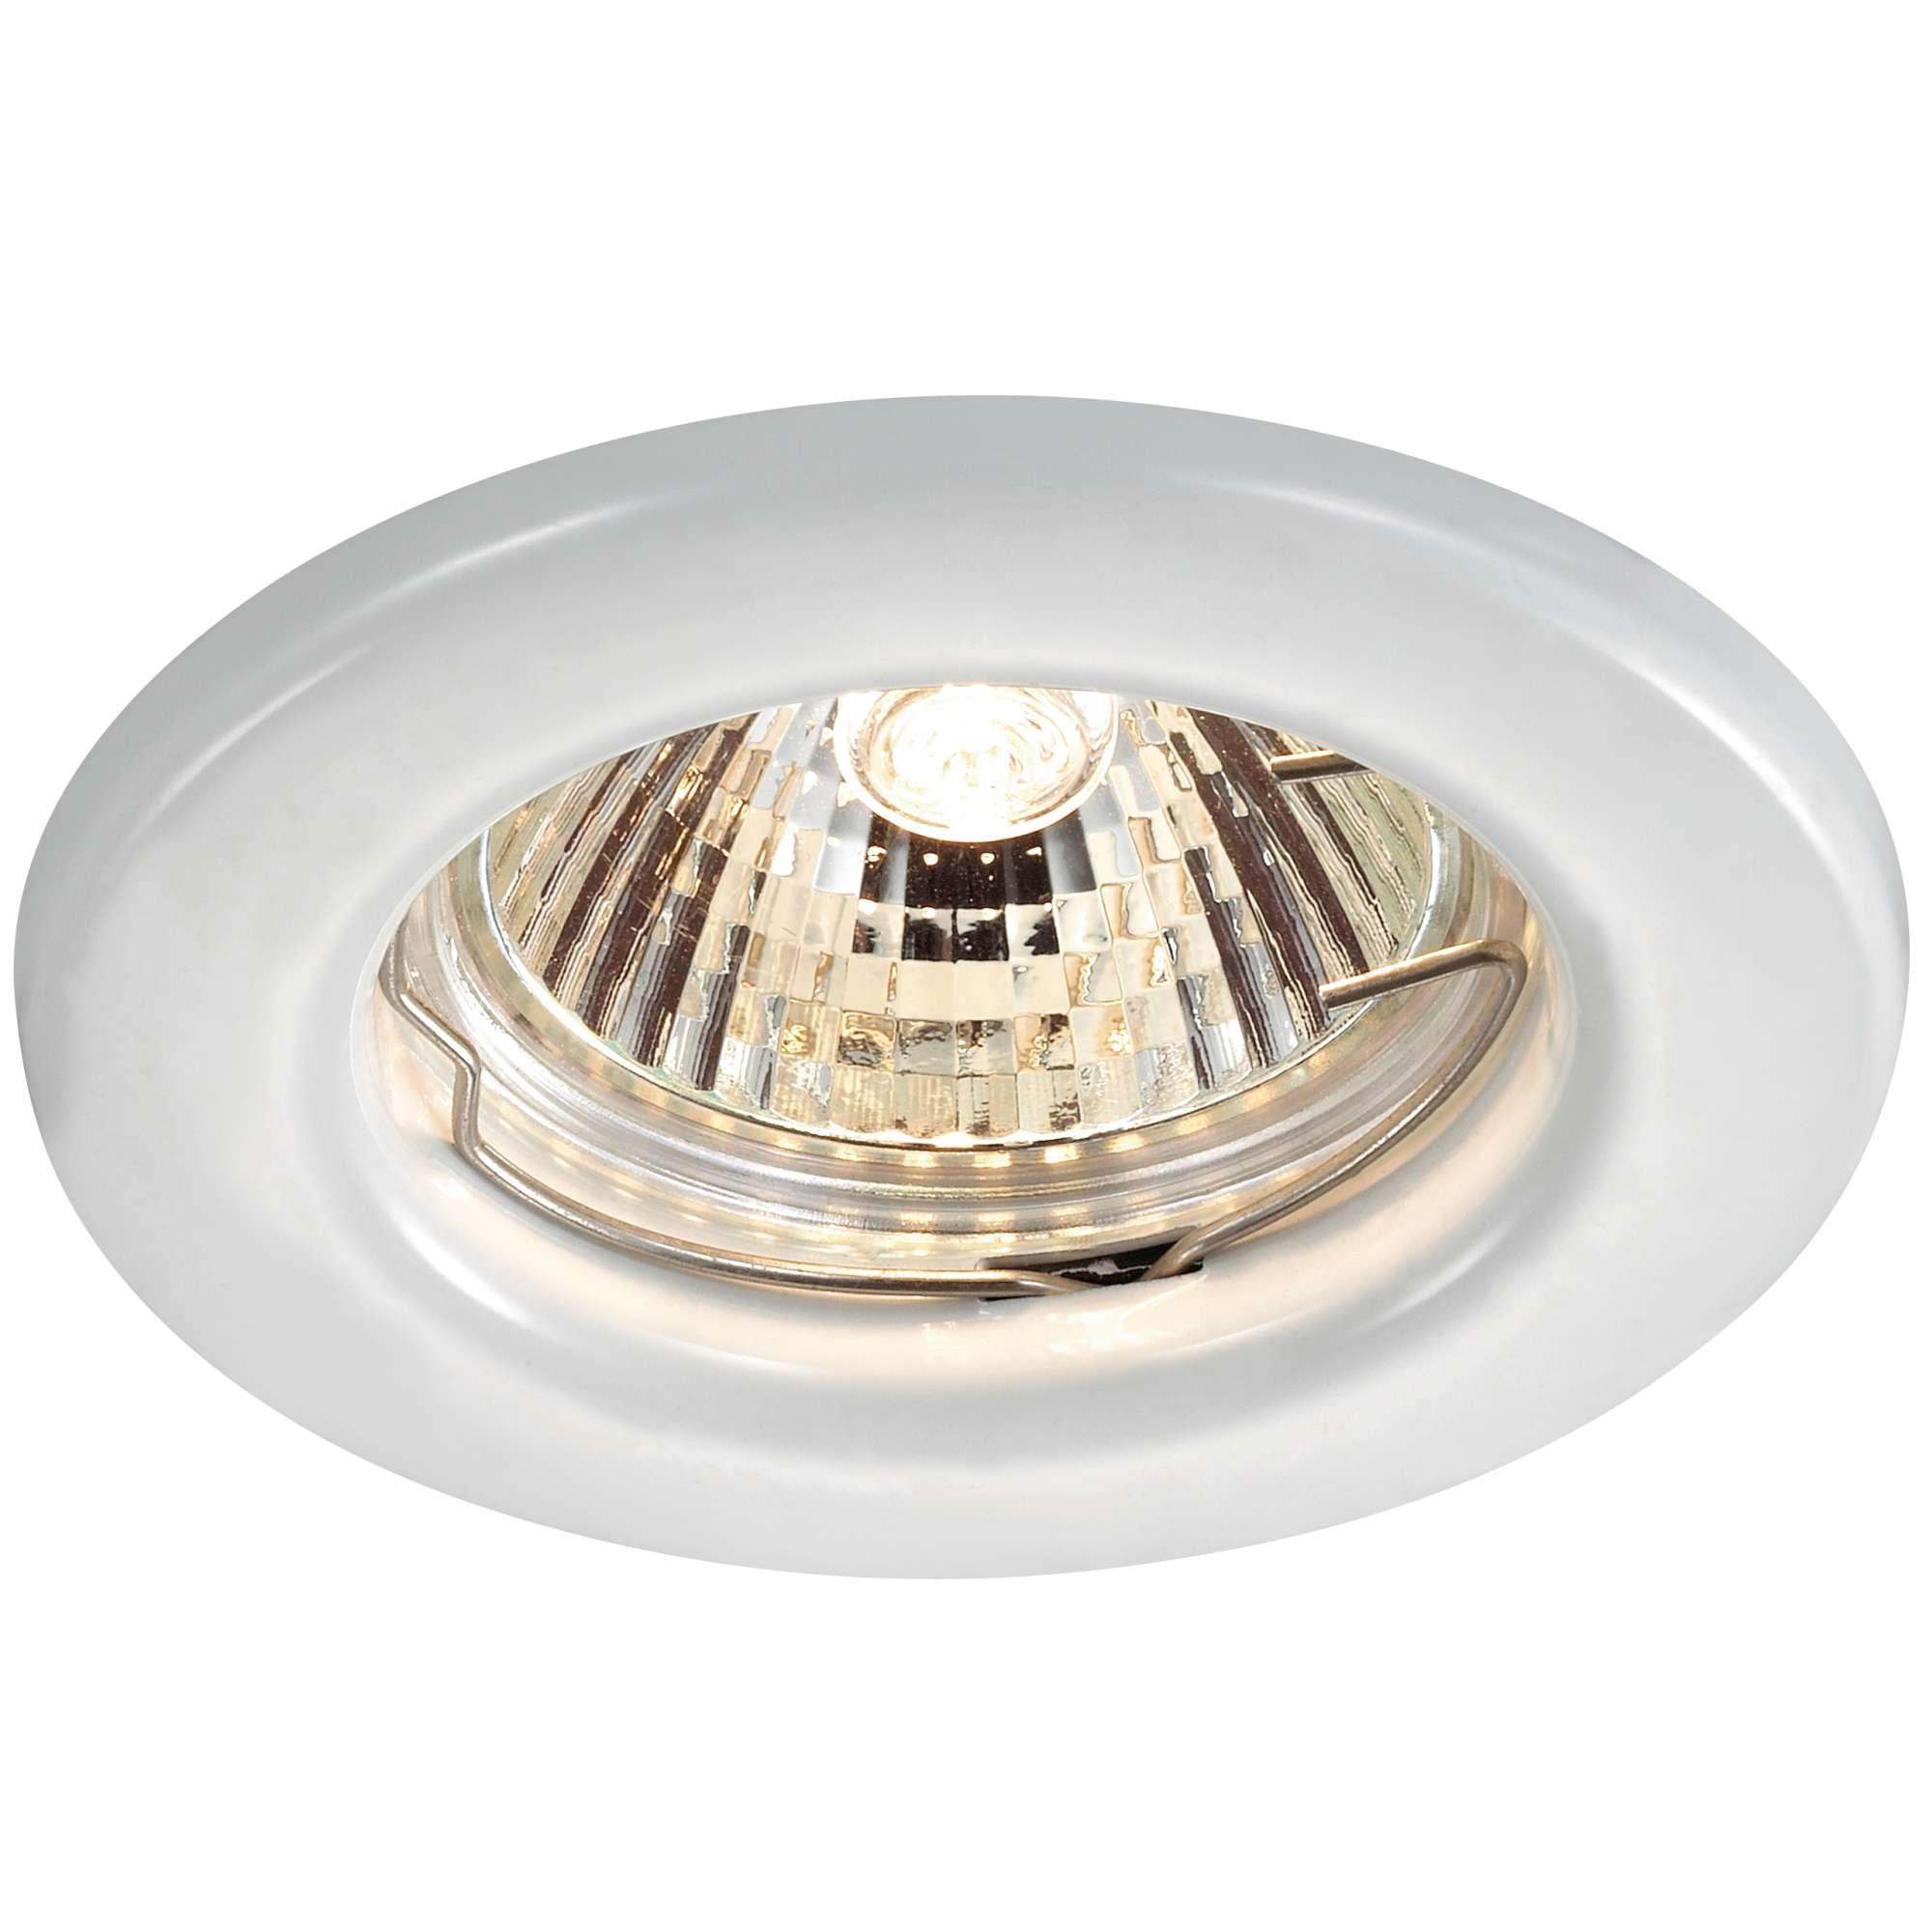 Светильник встраиваемый Novotech Classic nt12 172 369705